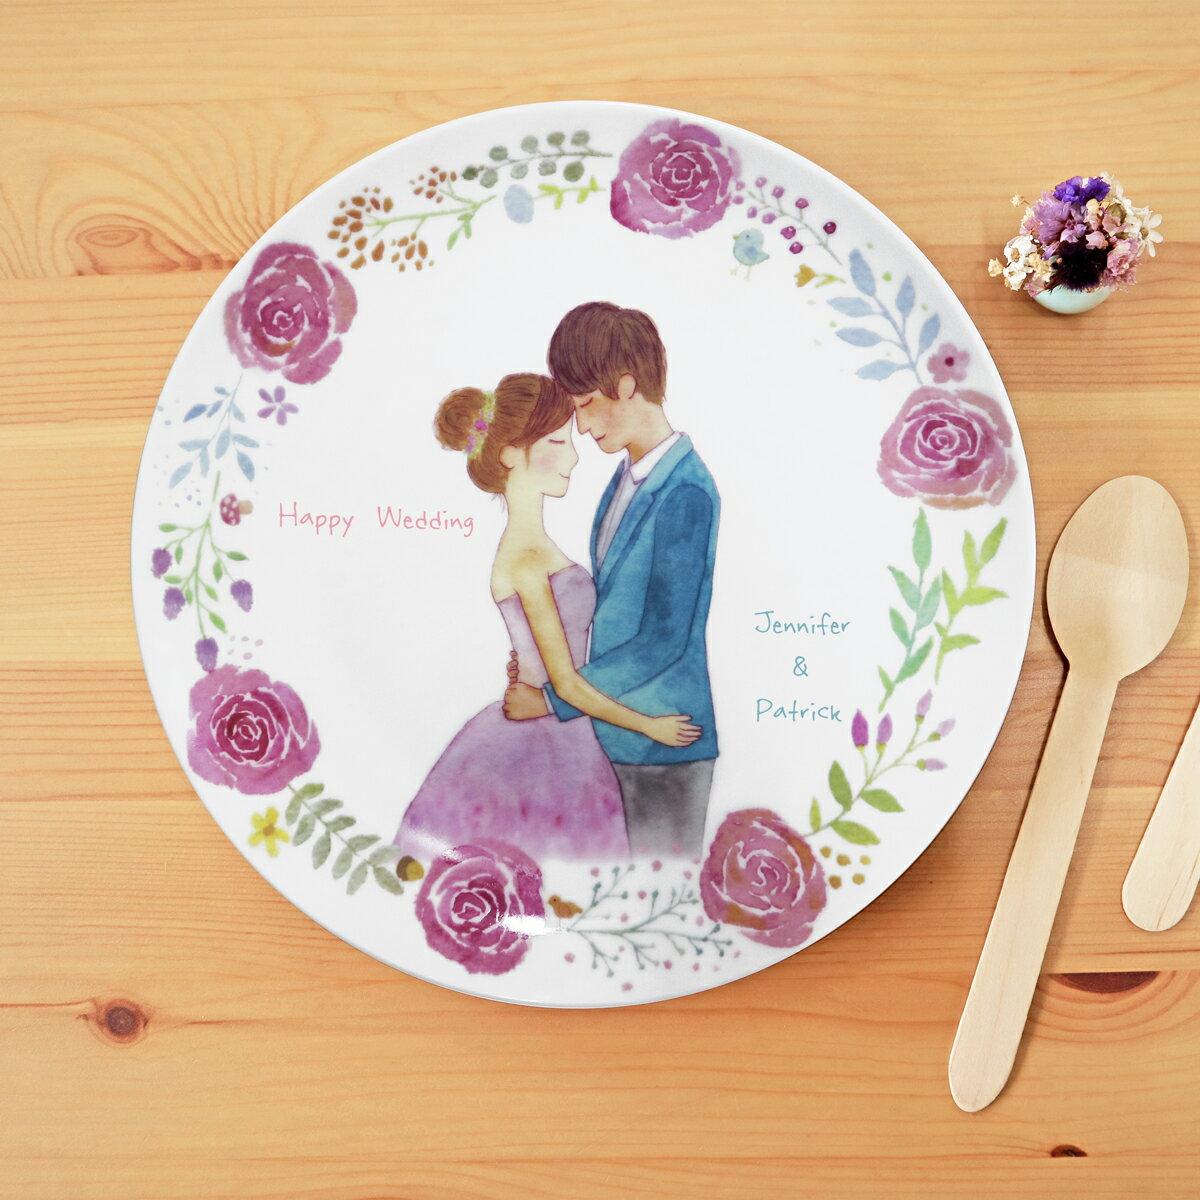 《陶緣彩瓷》 甜蜜婚禮-8吋骨瓷盤 / 結婚禮物 / 婚禮小物 / 伴娘禮物 / 客製化